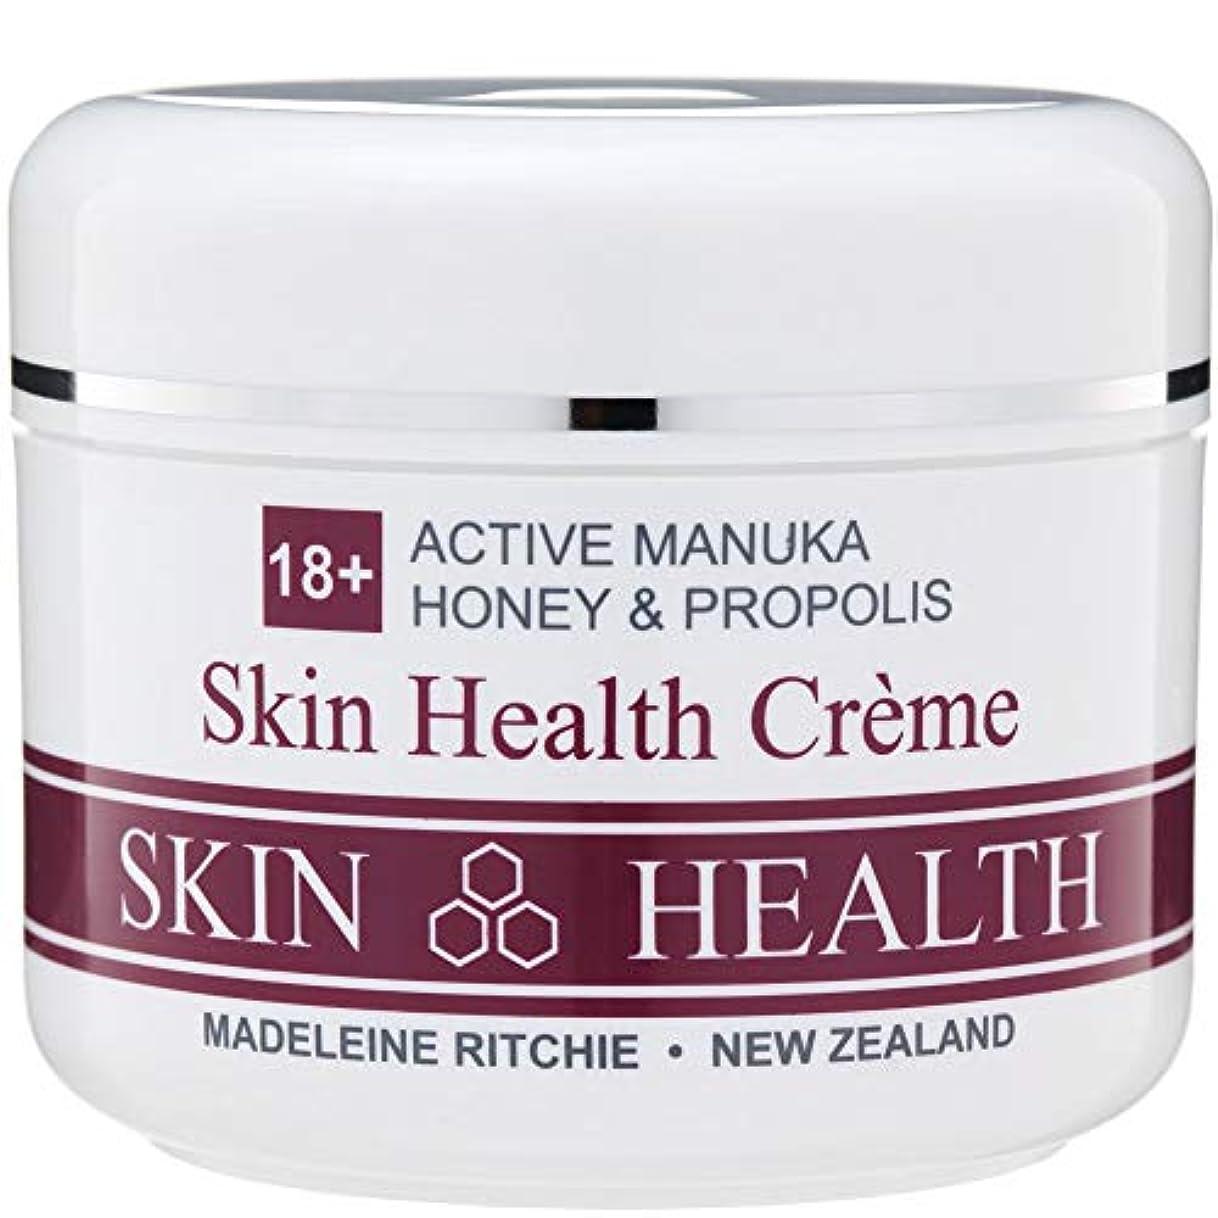 振る舞い毛布広々としたMadeleine Ritchie New Zealand Skin Health Creme 200ml